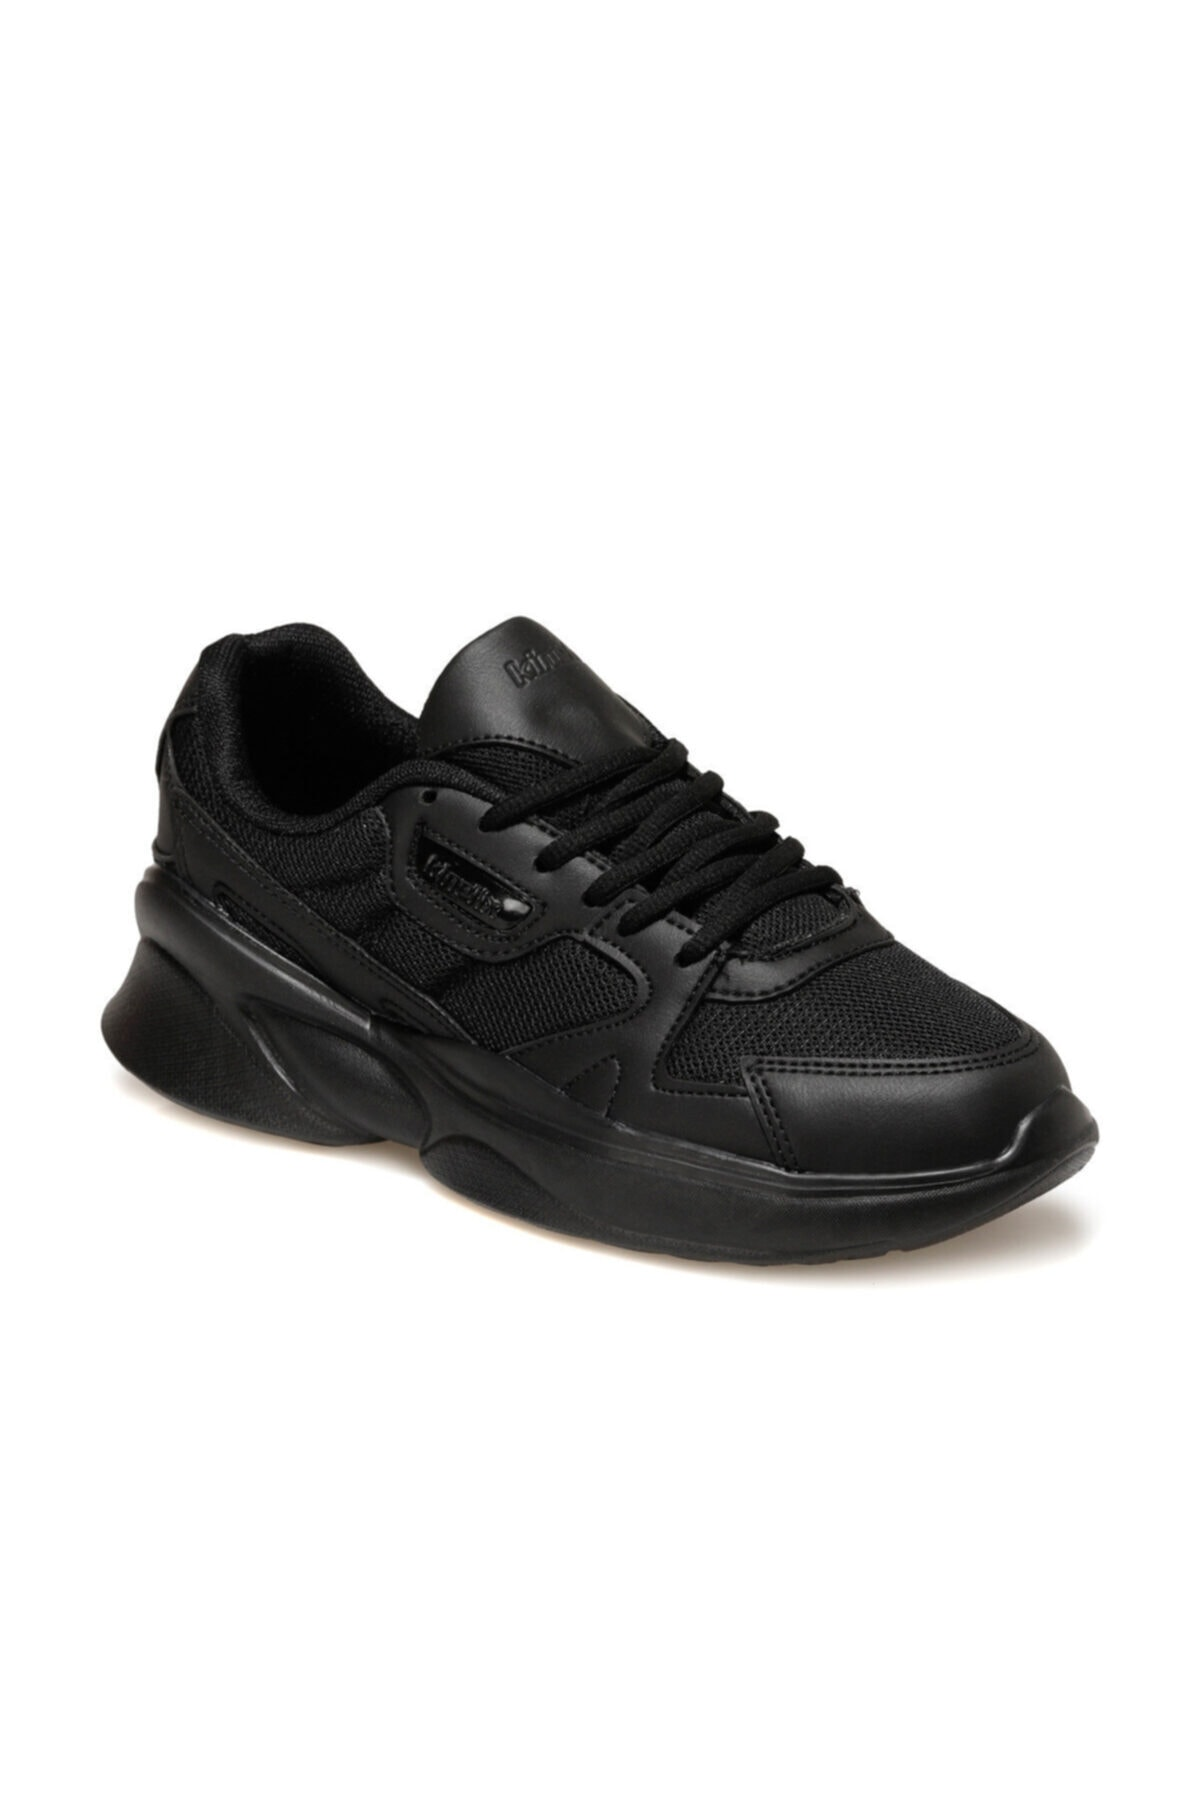 فروش انلاین کفش مخصوص پیاده روی زنانه مجلسی برند کینتیکس kinetix رنگ مشکی کد ty63057767